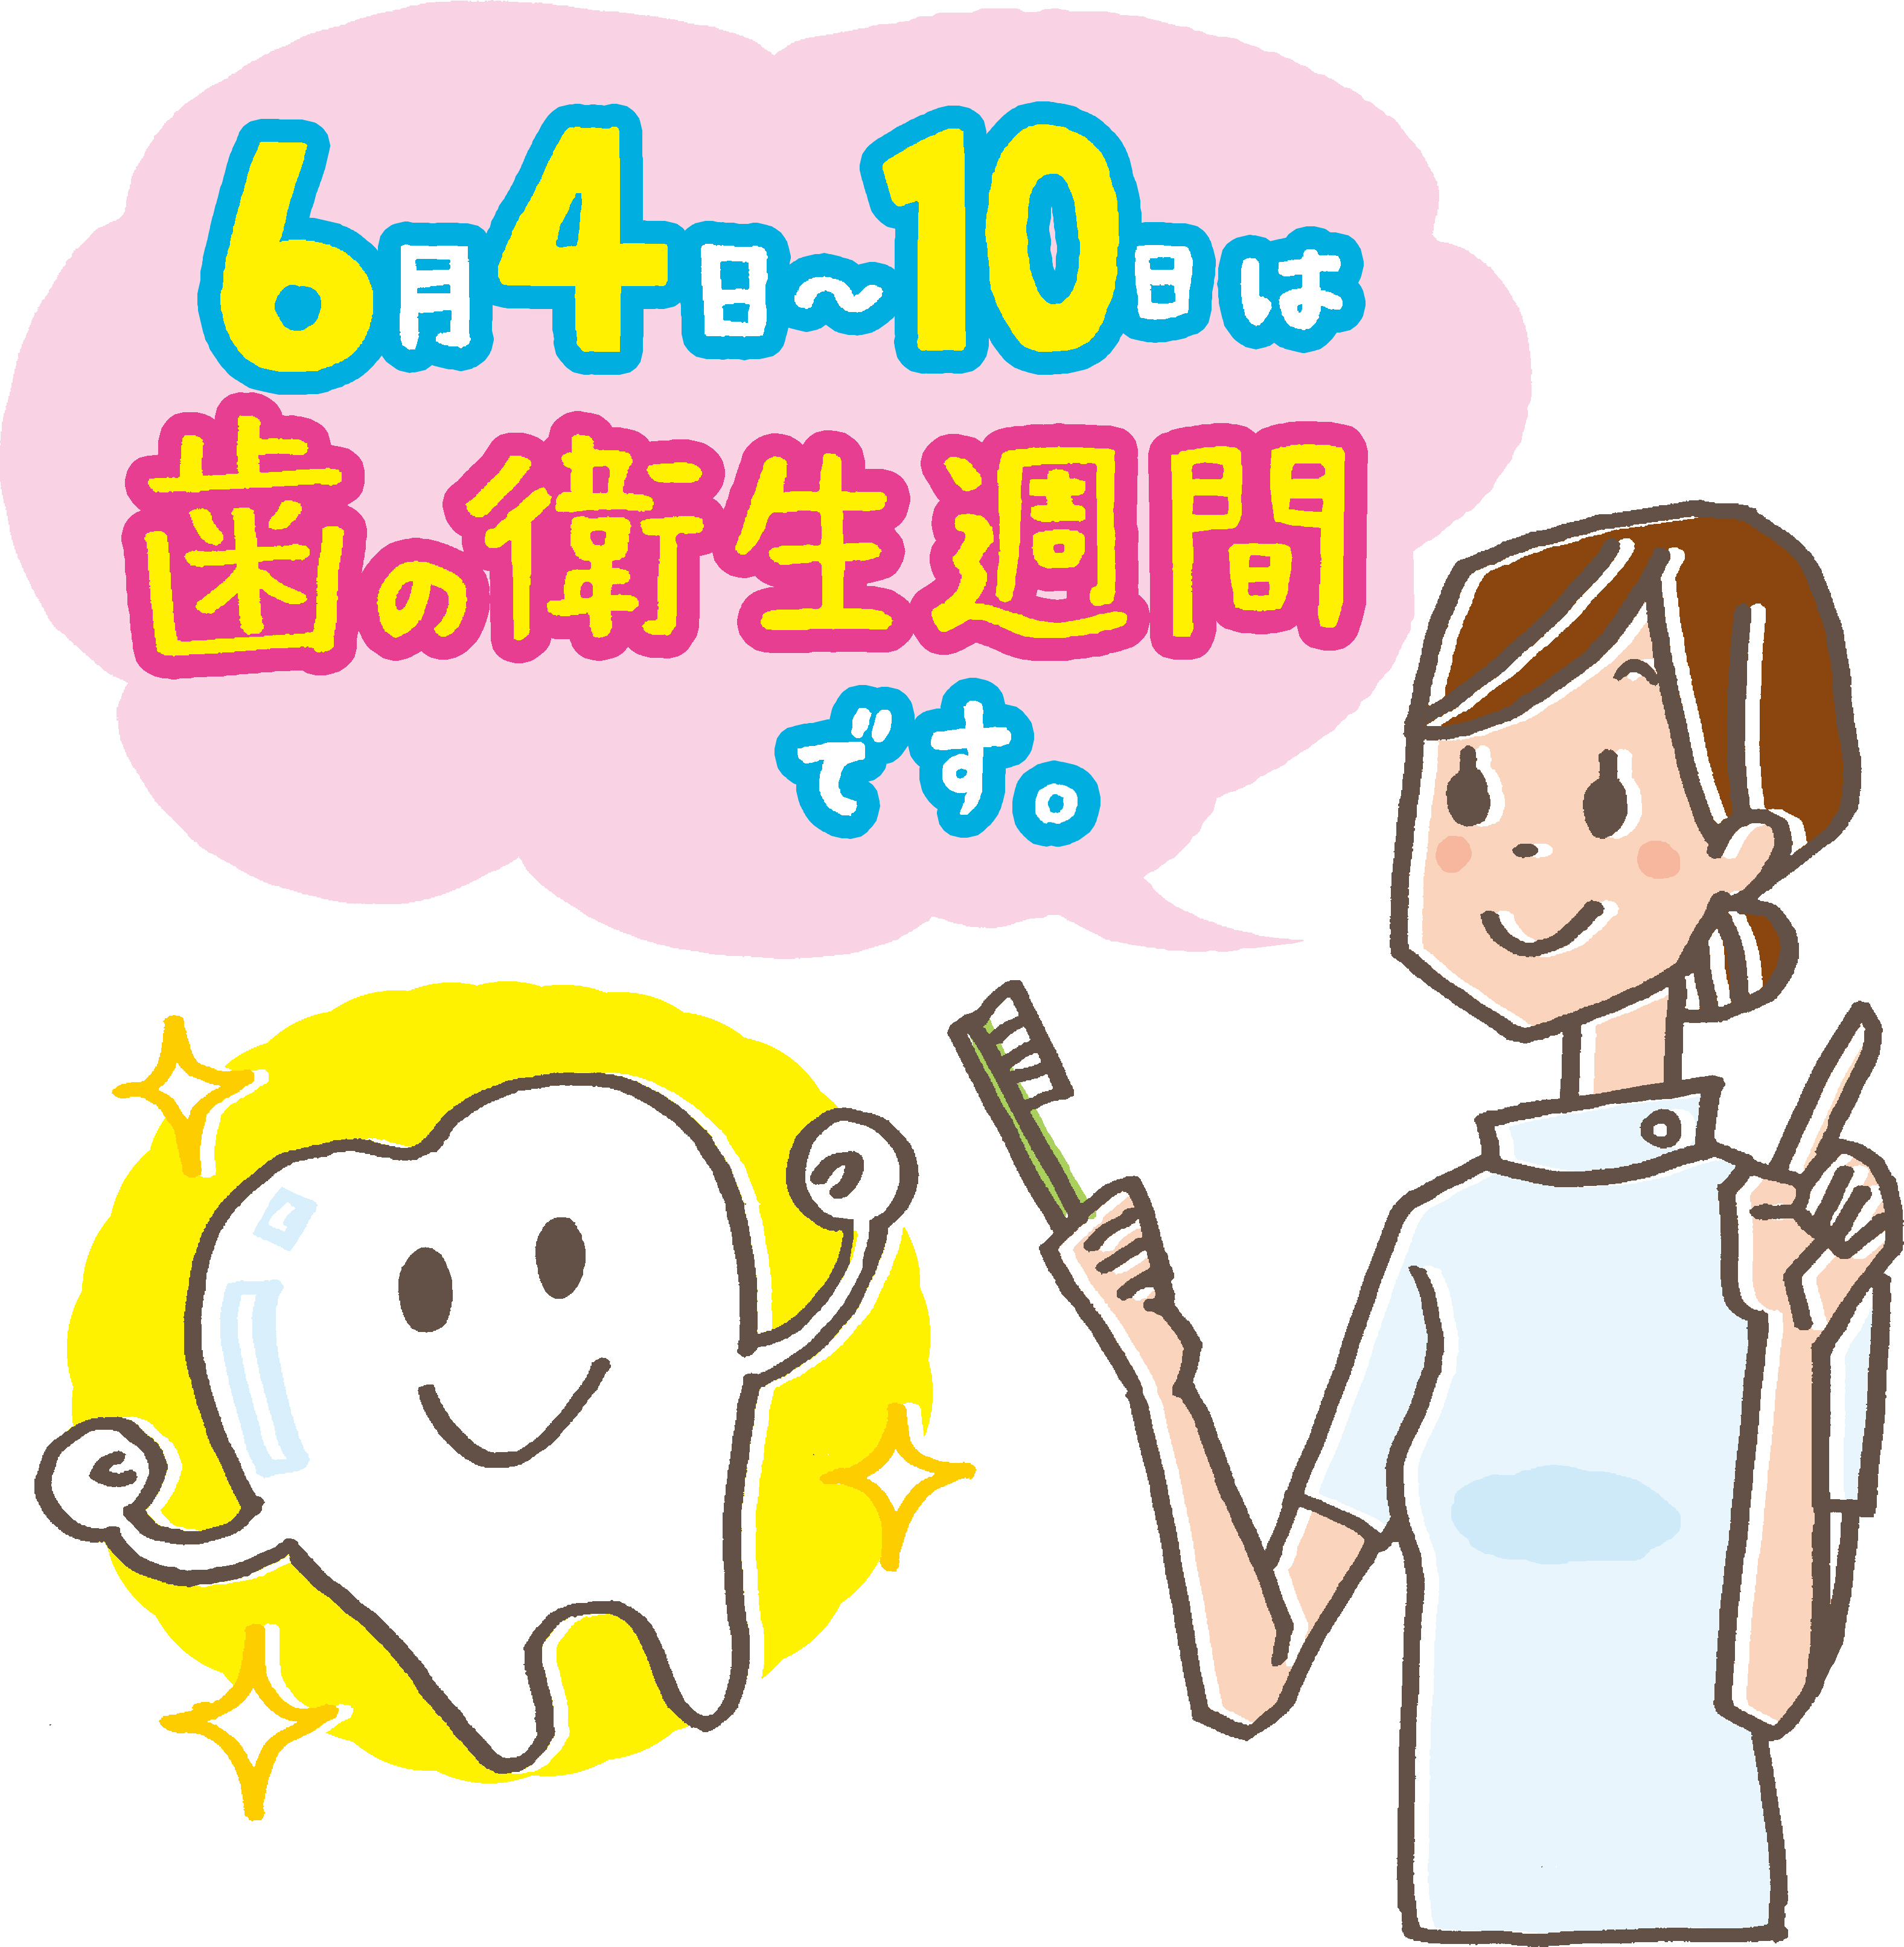 6月4~10日は「歯と口の健康週間」・・・